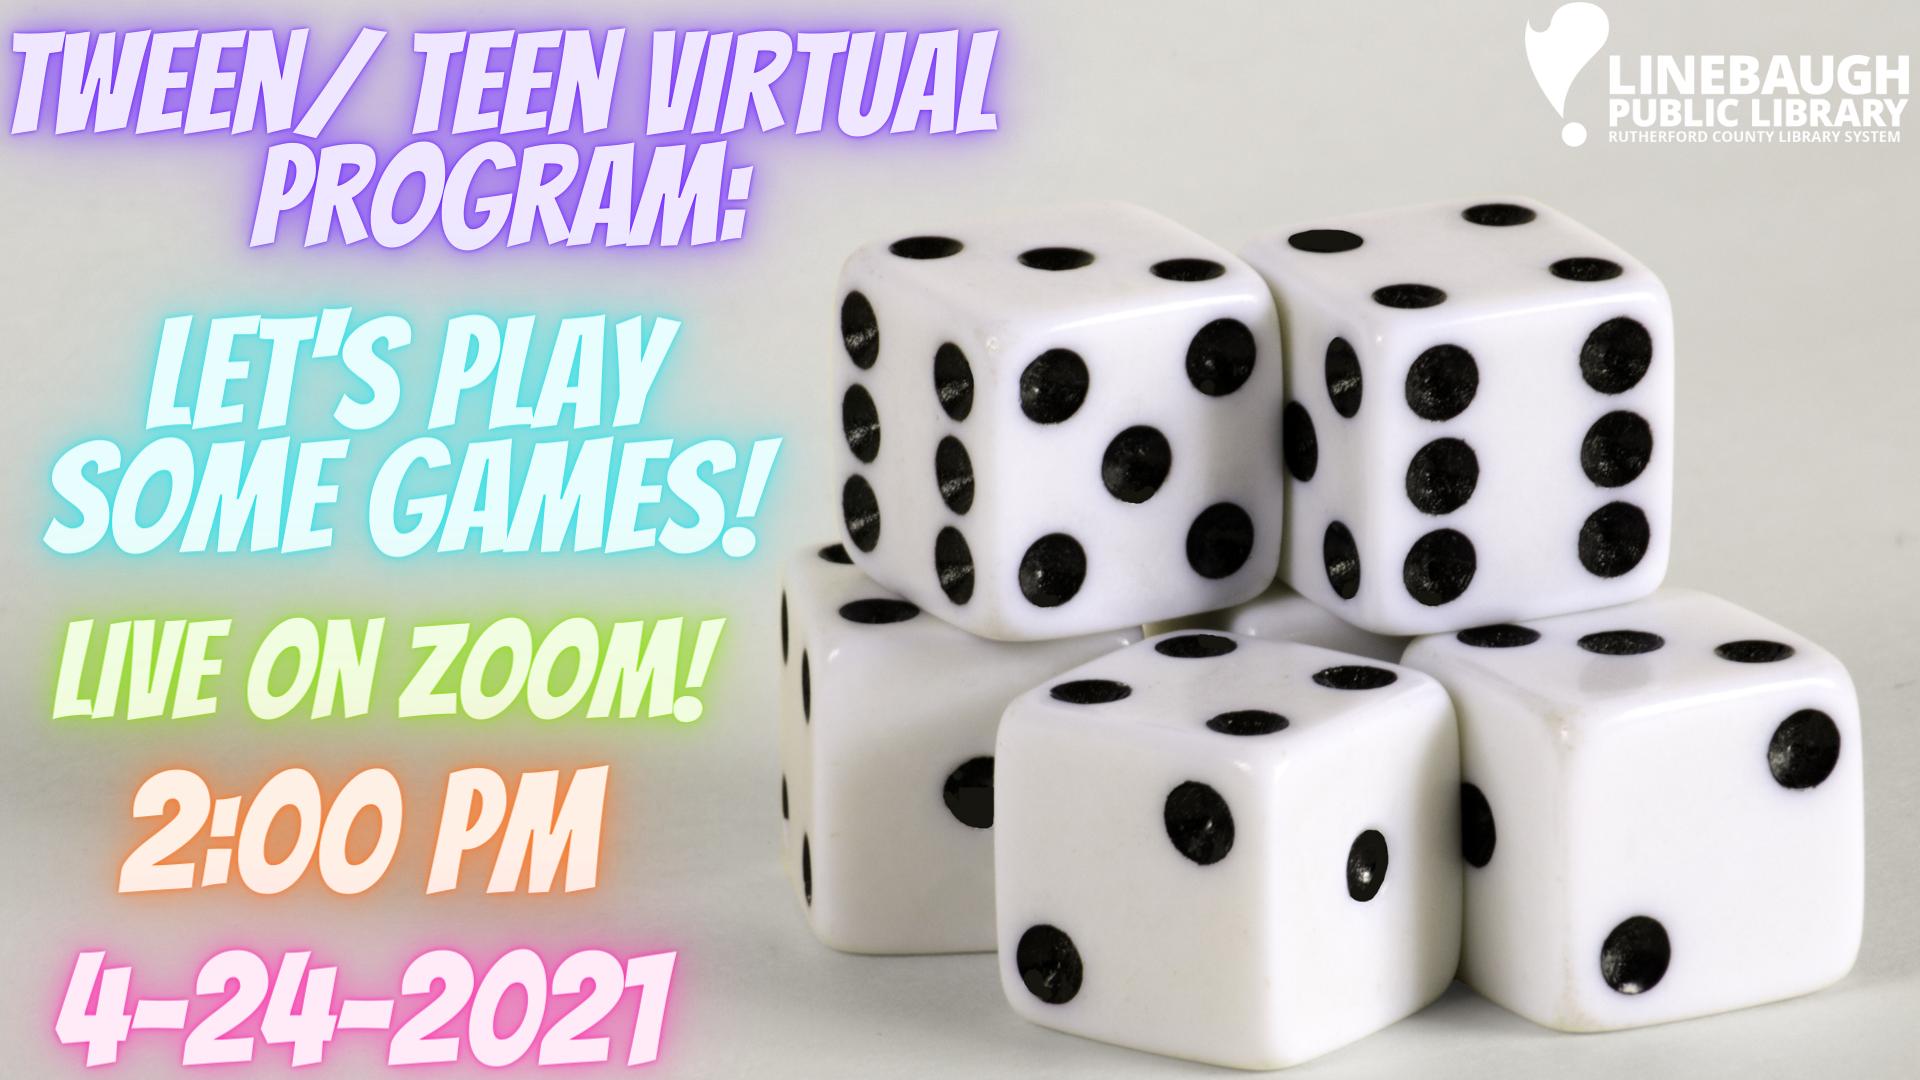 Tween/ Teen Virtual Program